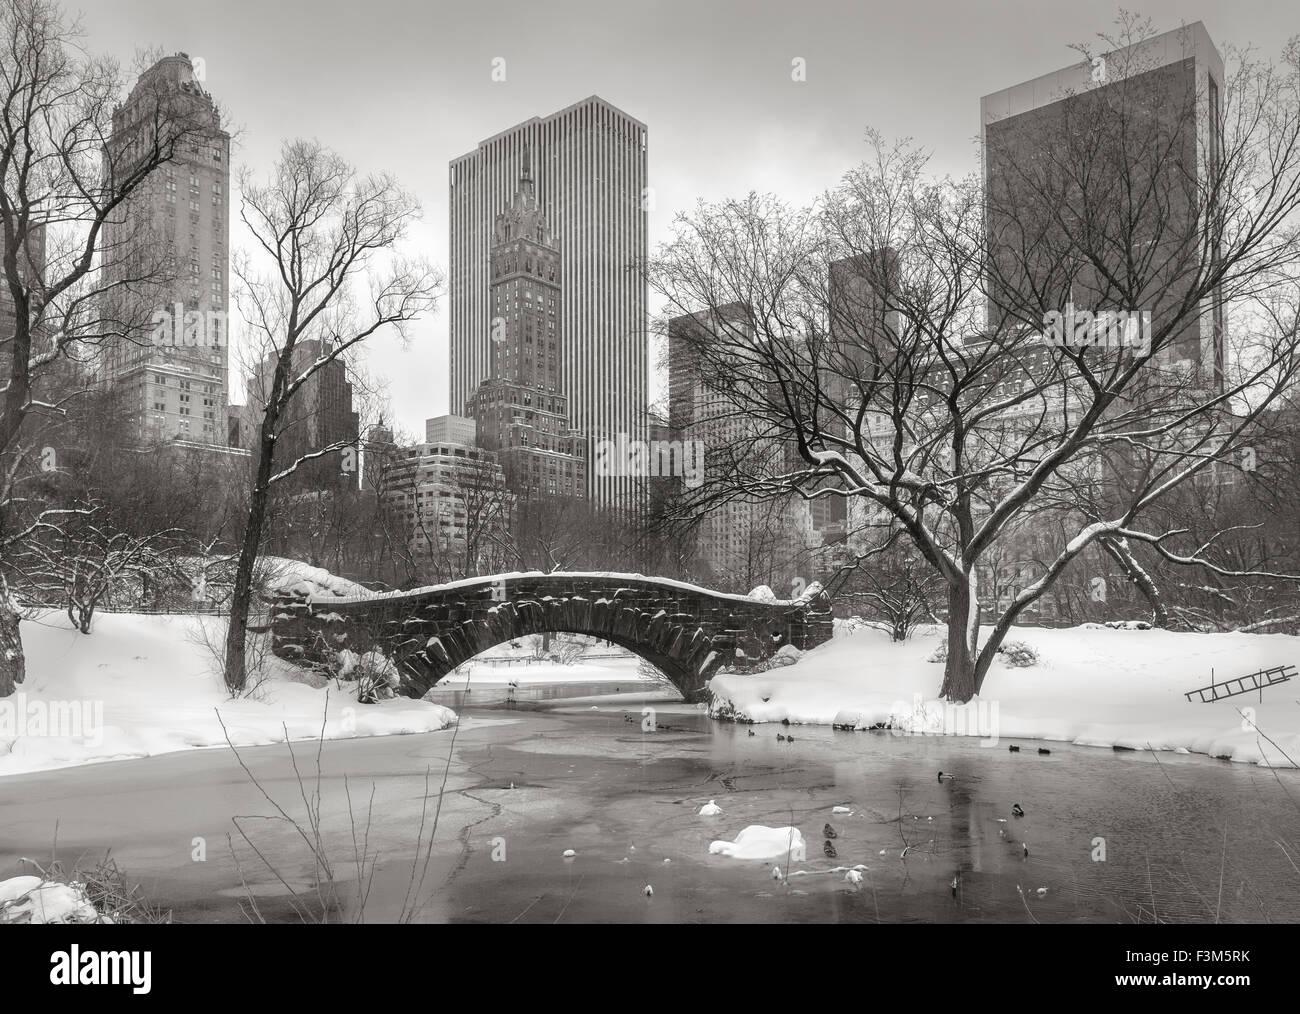 Central Park nach einem Schneesturm mit dem Teich gefroren und Gapstow Brücke bedeckt mit Schnee. Wolkenkratzer Stockbild